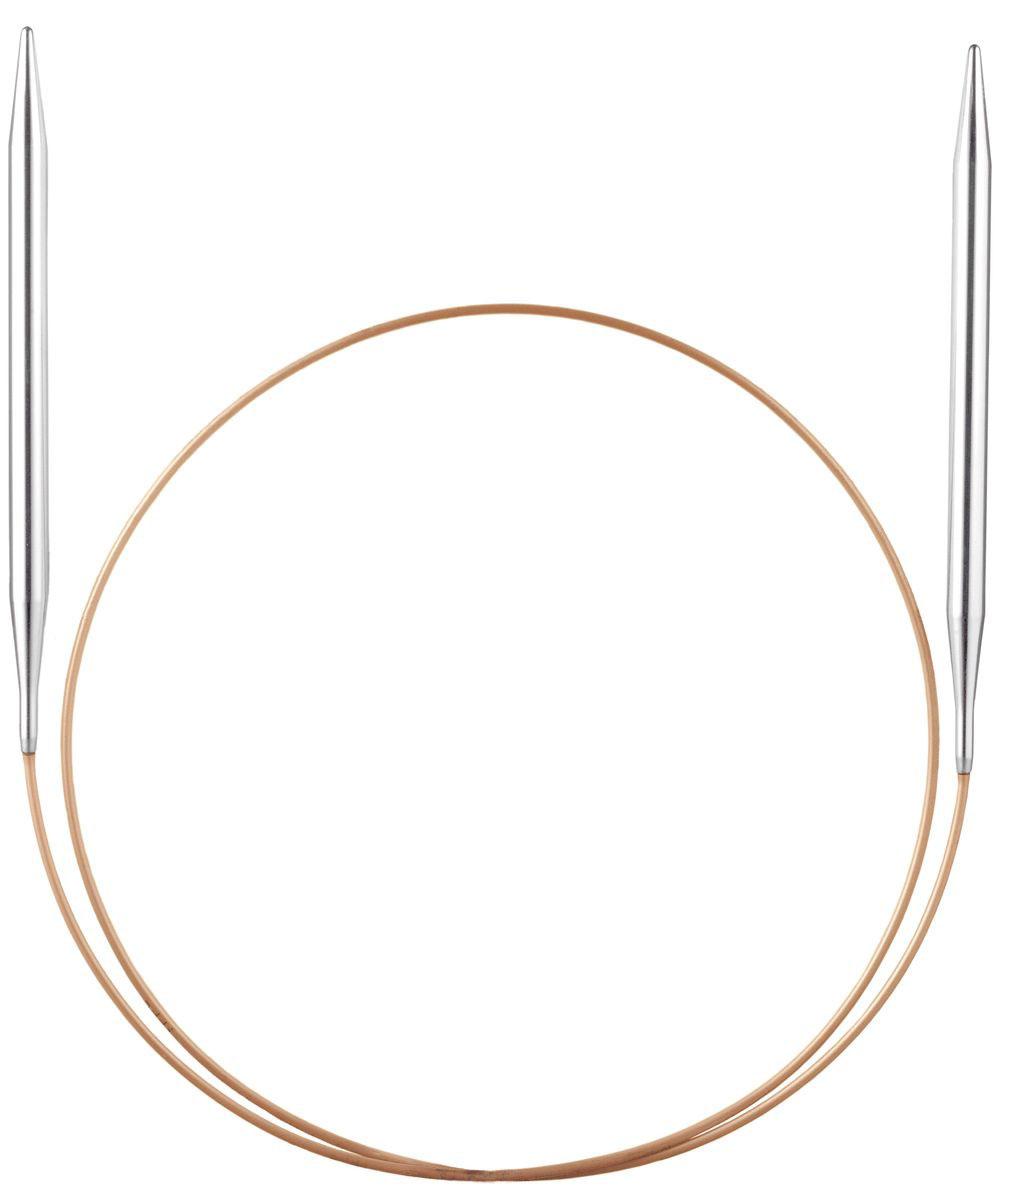 Спицы круговые Addi, супергладкие, диаметр 6,5 мм, длина 100 см105-7/6.5-100Спицы Addi, изготовленные из никеля, прекрасно подойдут для вязания изделий без швов. Короткими круговыми спицами вяжут бейки горловины, шапки и варежки, длинными спицами можно вязать по кругу целые модели, например, свитера и пуловеры. Полые и очень легкие спицы с удлиненным кончиком скреплены гибкой леской. Гладкое покрытие и тонкие переходы от спицы к леске позволяют пряже легче скользить. Малый вес изделия убережет ваши руки от усталости при вязании. Вы сможете вязать для себя, делать подарки друзьям. Работа, сделанная своими руками, долго будет радовать вас и ваших близких.